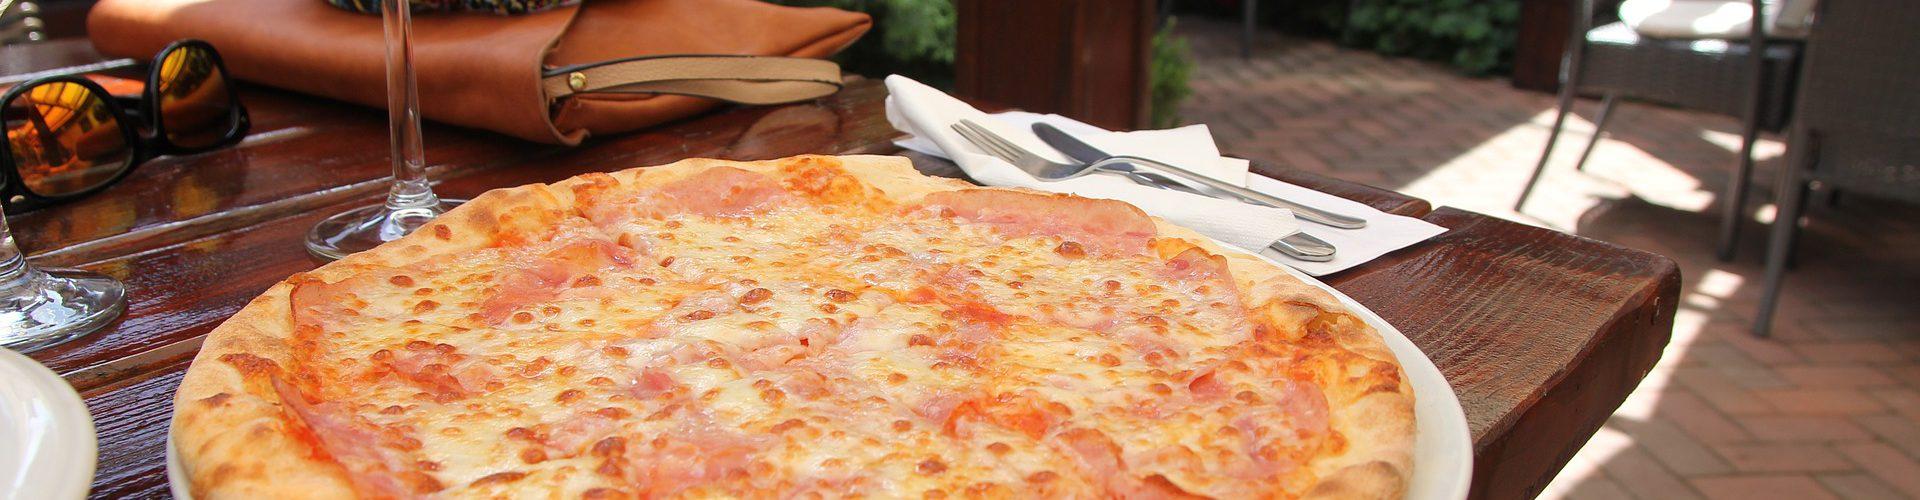 Pizzeria in Dortmund bestellen